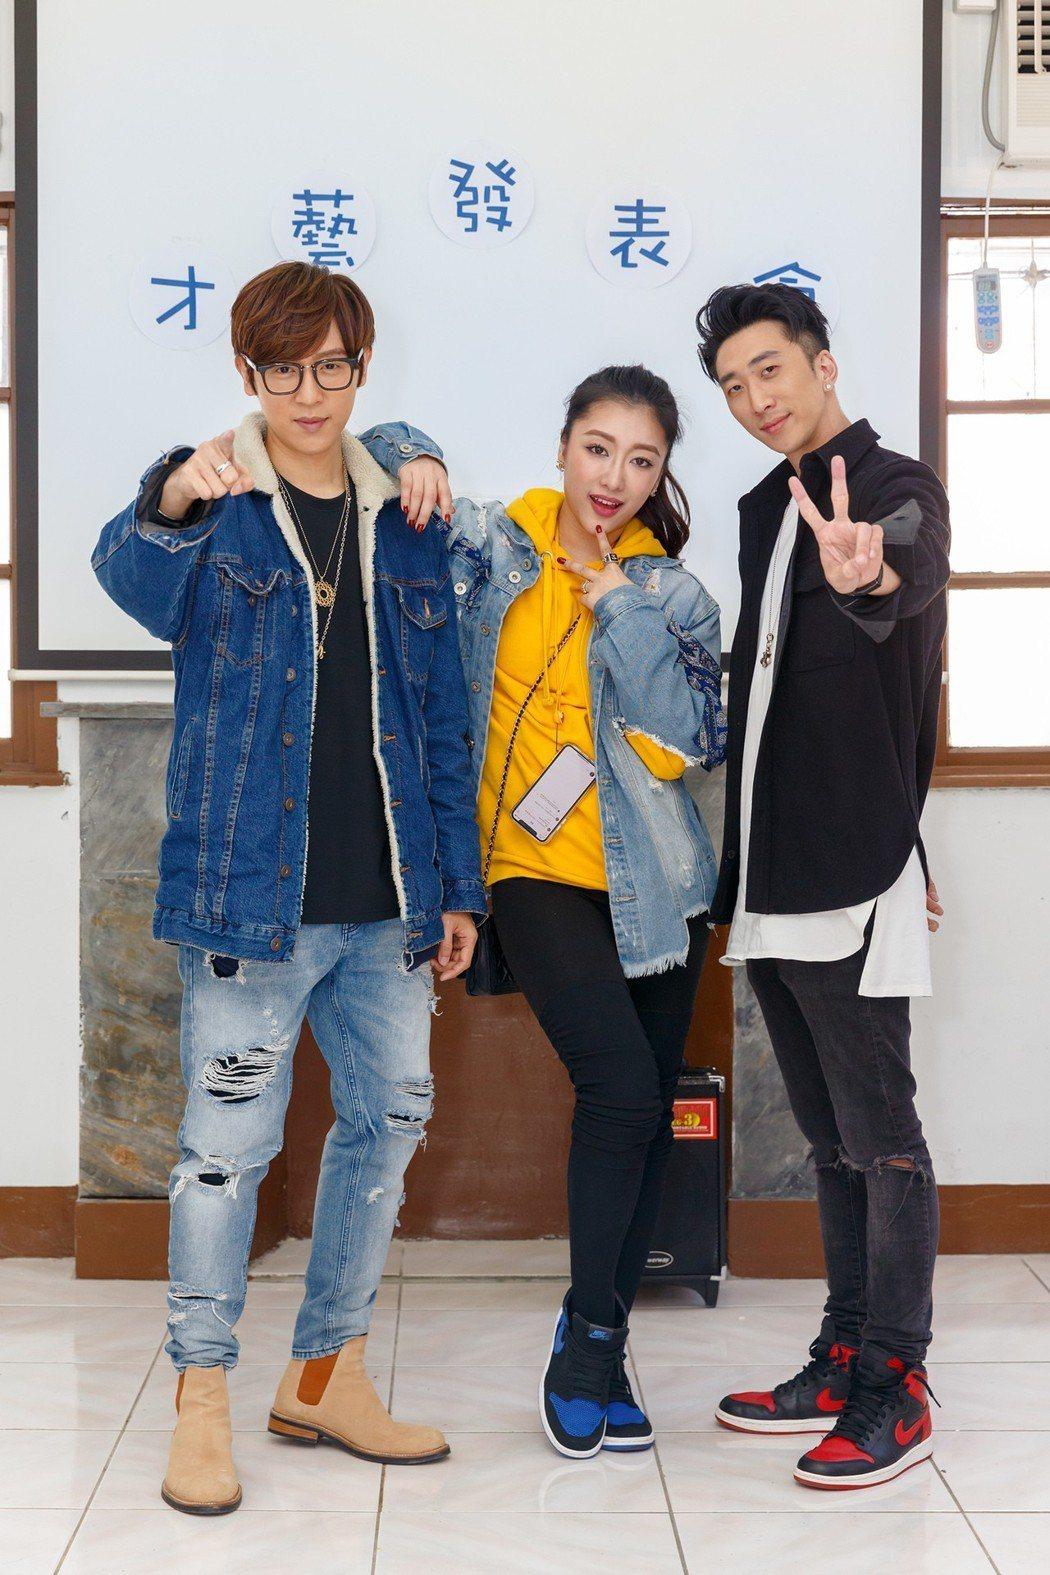 方泂鑌(左起)、秦宇子、張懷顥聯手為孩童圓夢,擔任一日才藝導師。圖/海蝶音樂提供